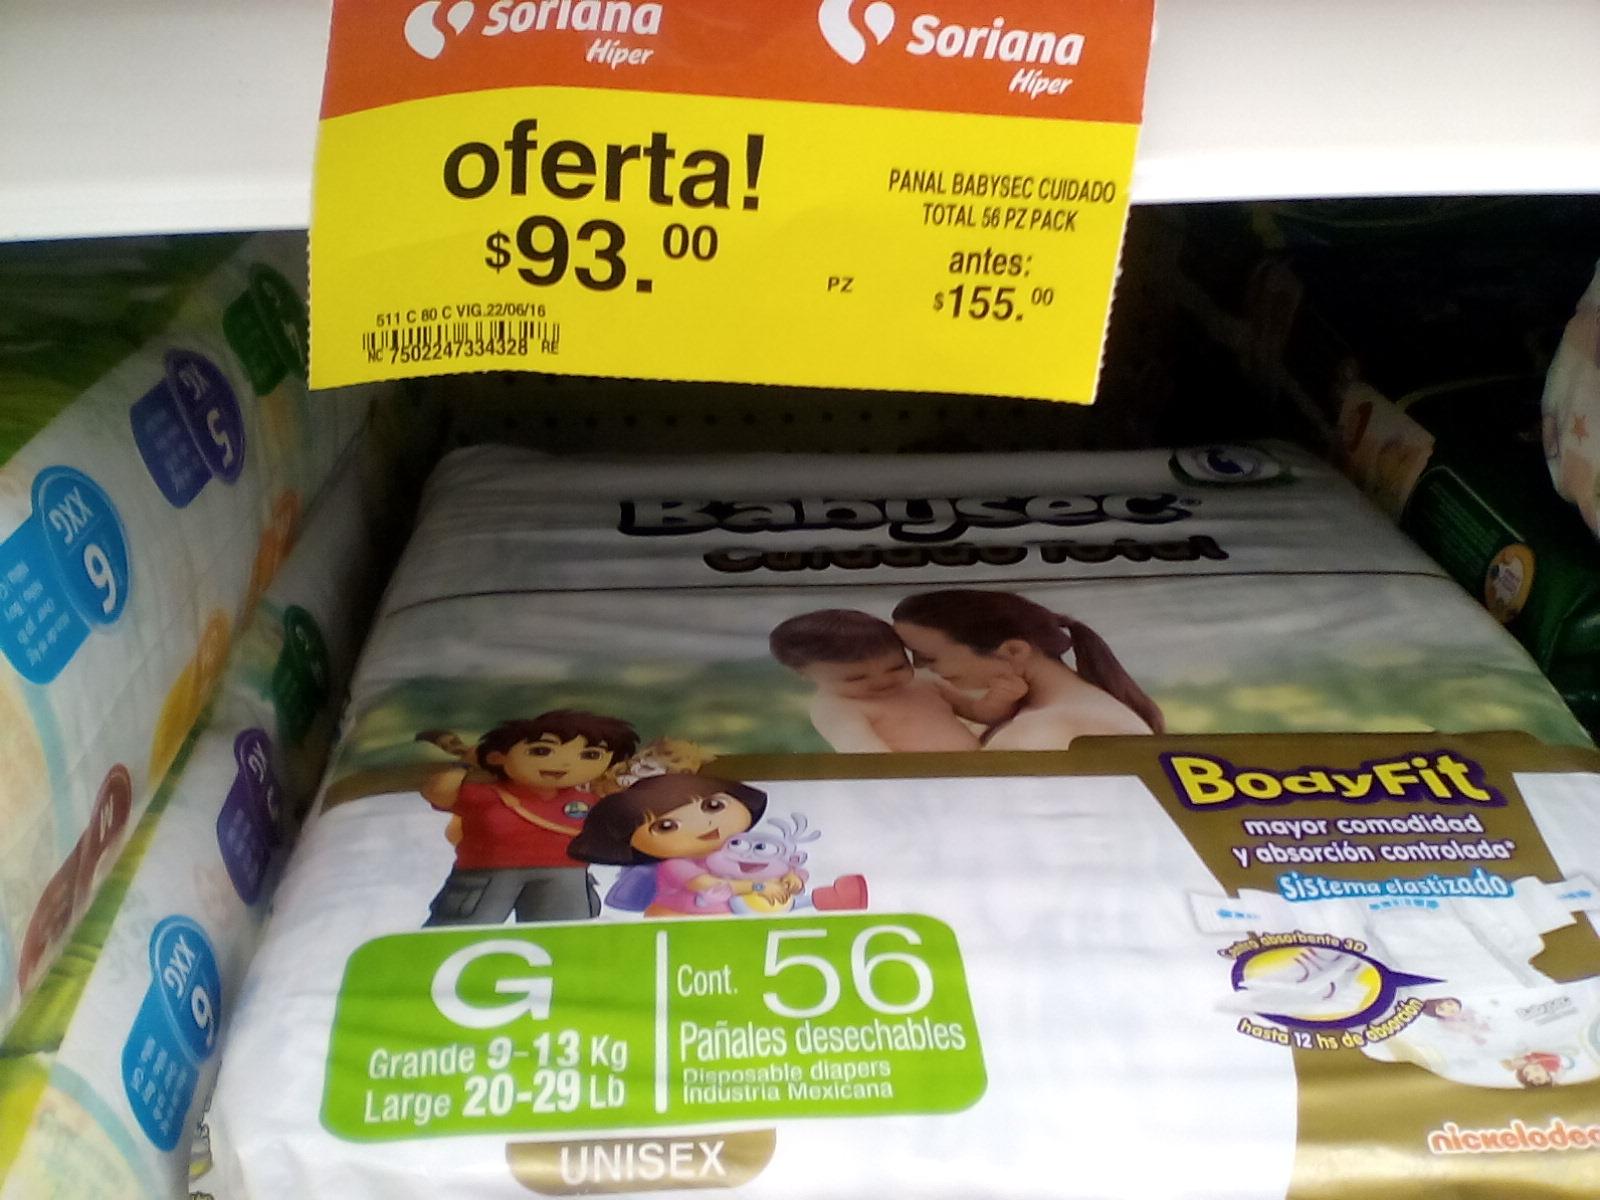 Soriana: Pañales Babysec de 56pz a $93